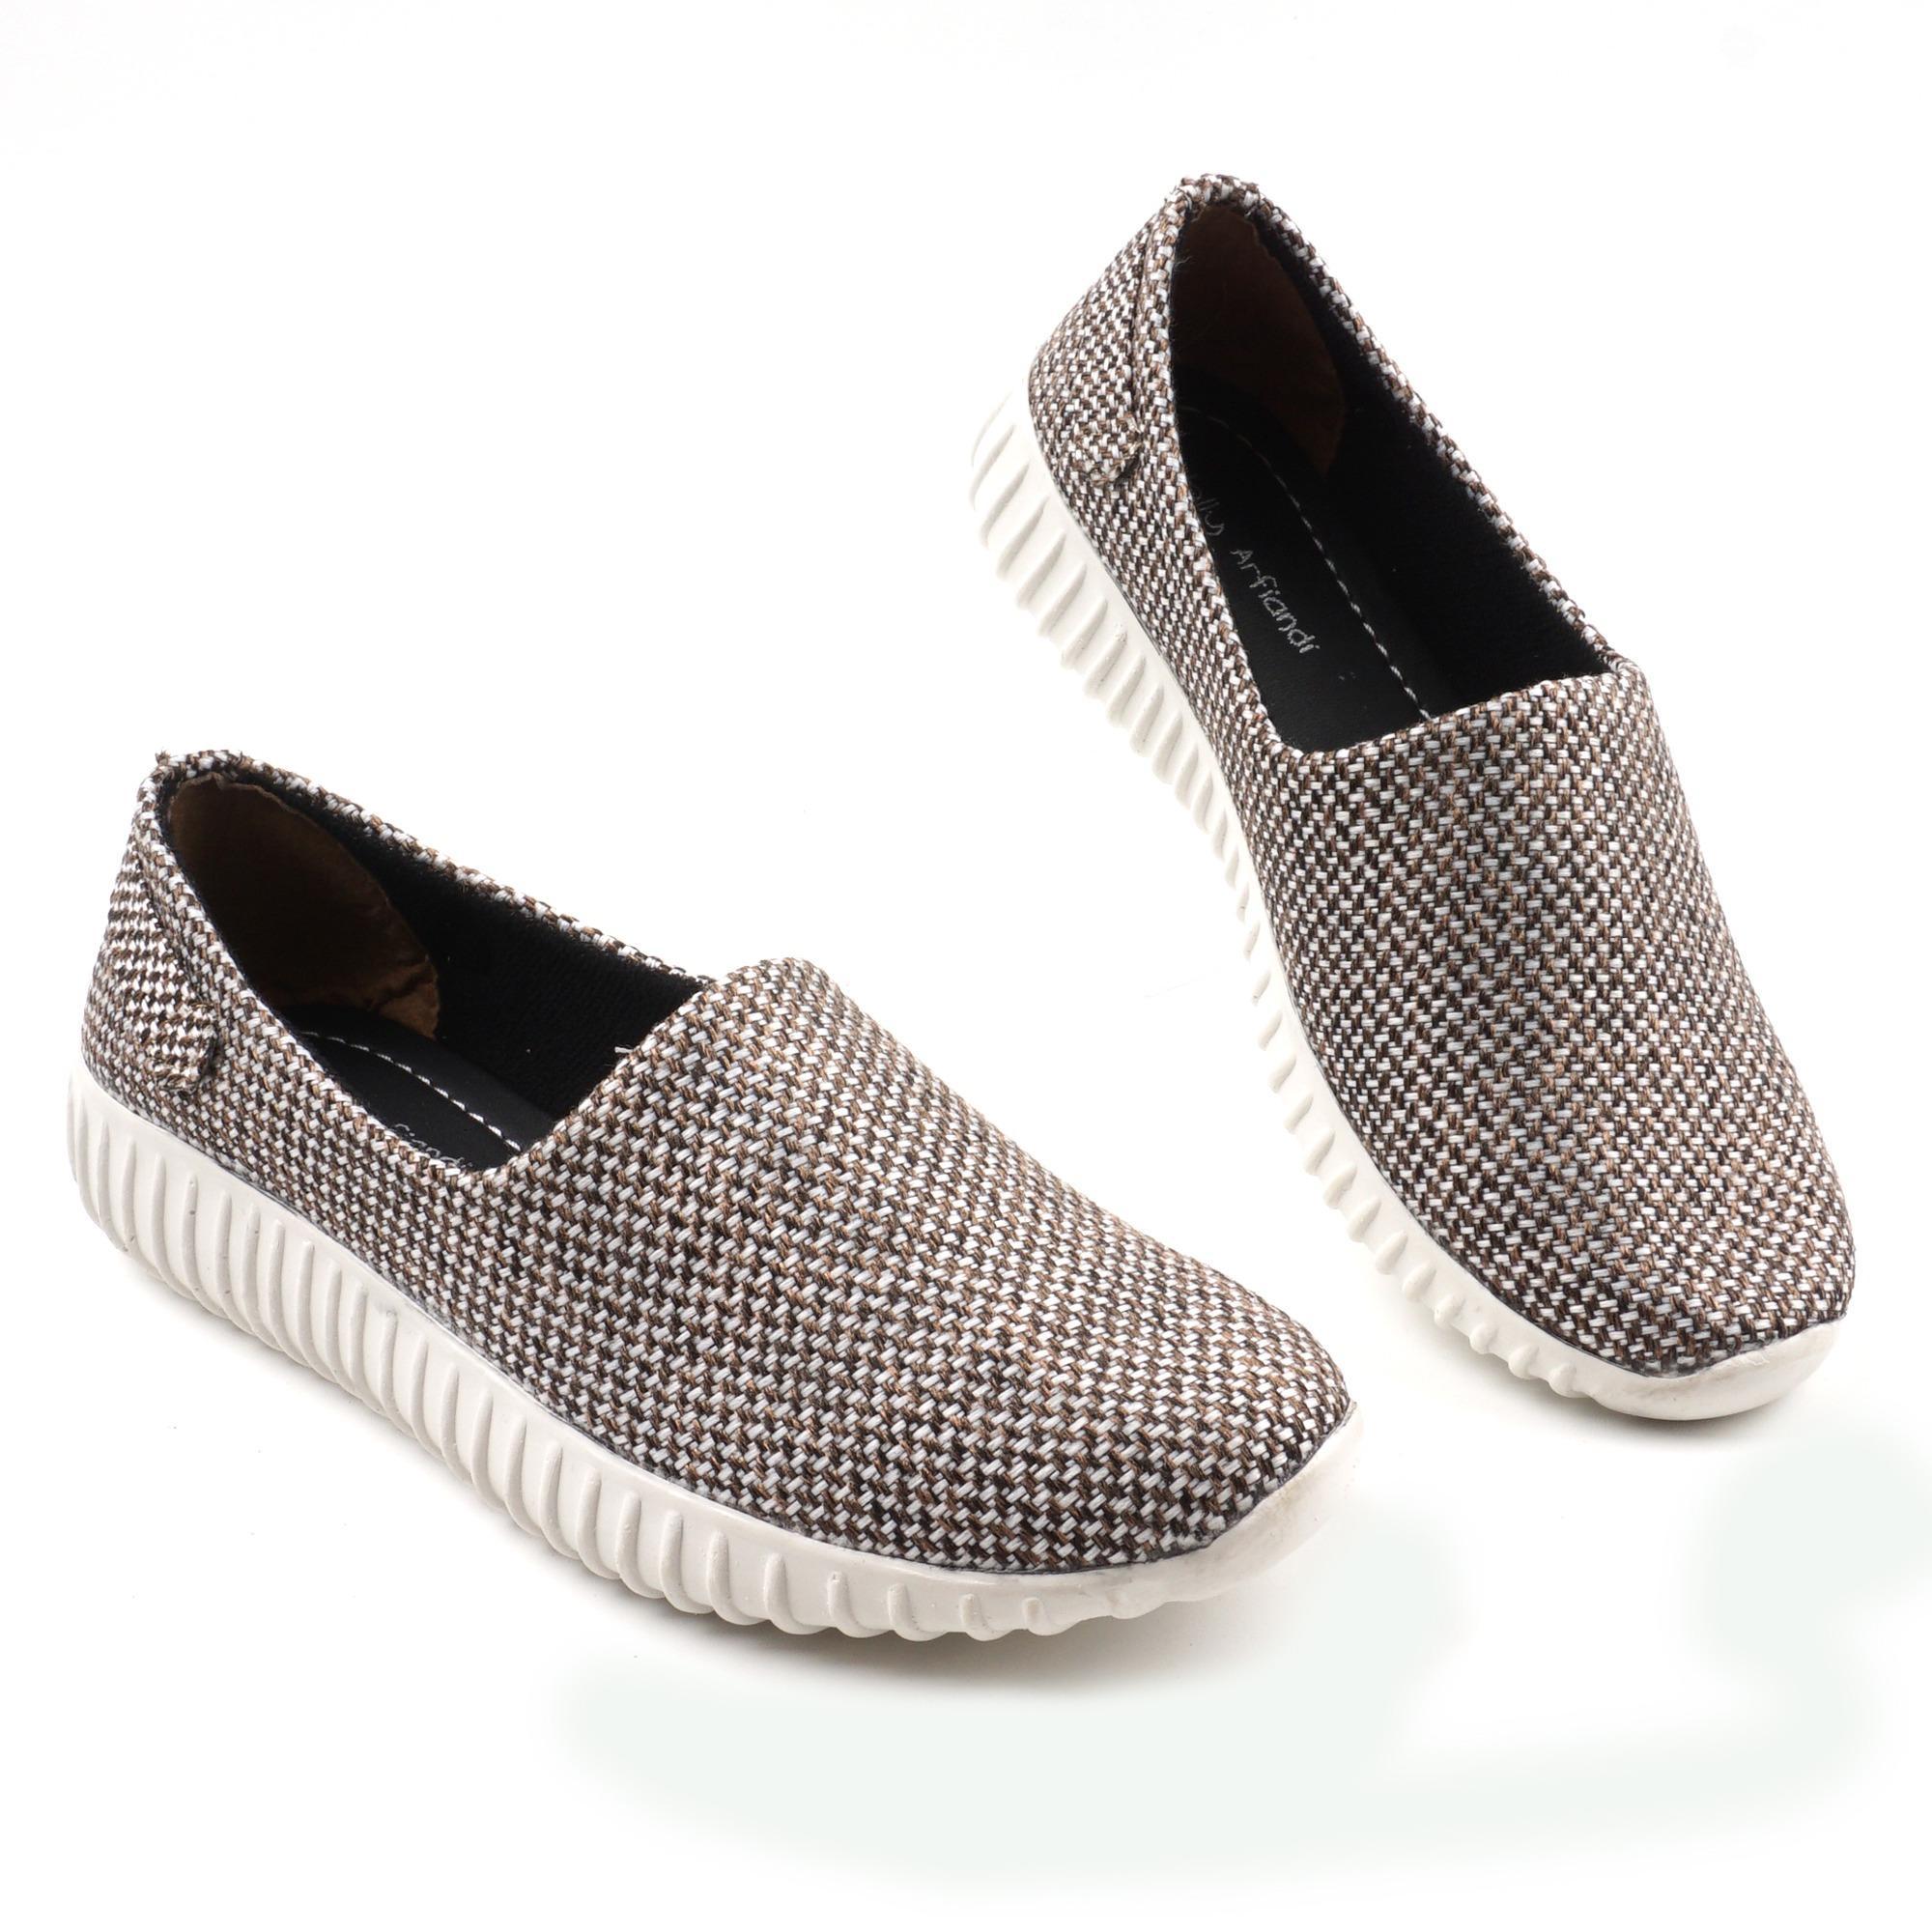 Ellen Grosir Sepatu Kets Wanita K.01 - Hitam . Source · Pluvia - Sepatu